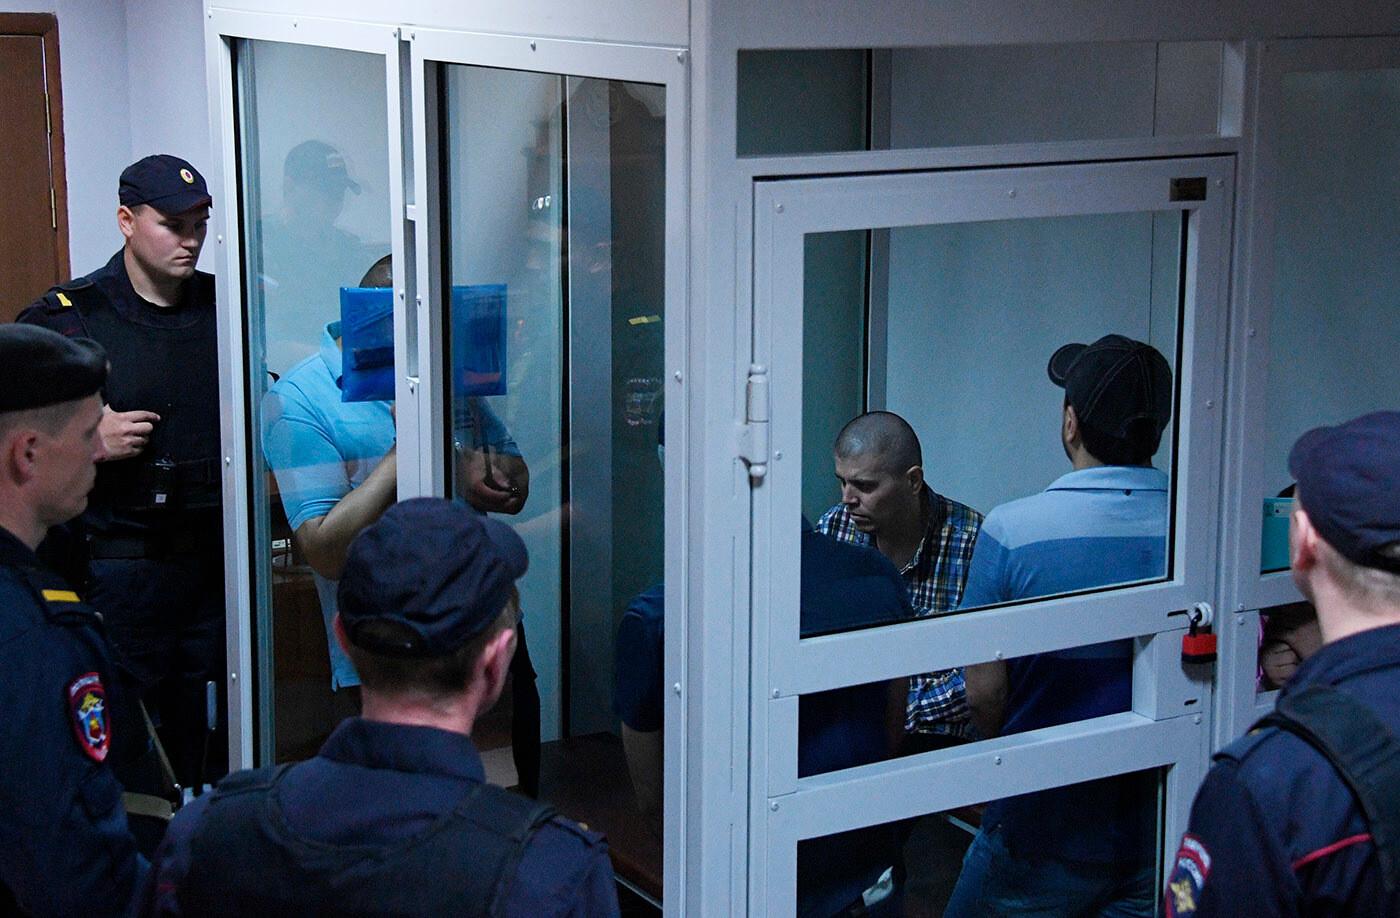 Суд приговорил четверых членов «банды ГТА» к пожизненному заключению